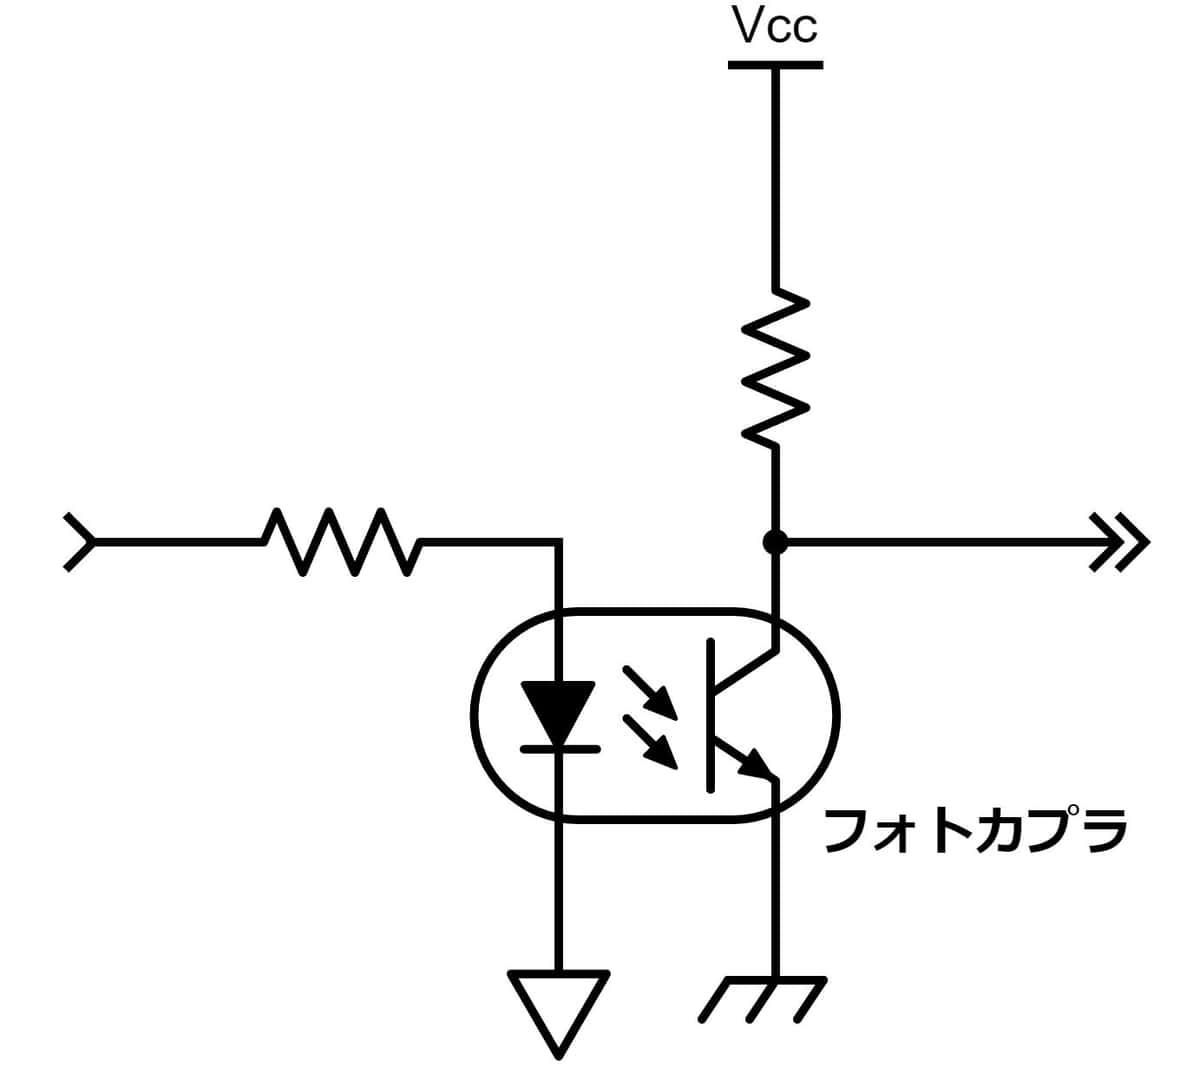 接地電位の異なる回路で信号を伝送する、絶縁して回路通信を行う【逆引き回路設計】